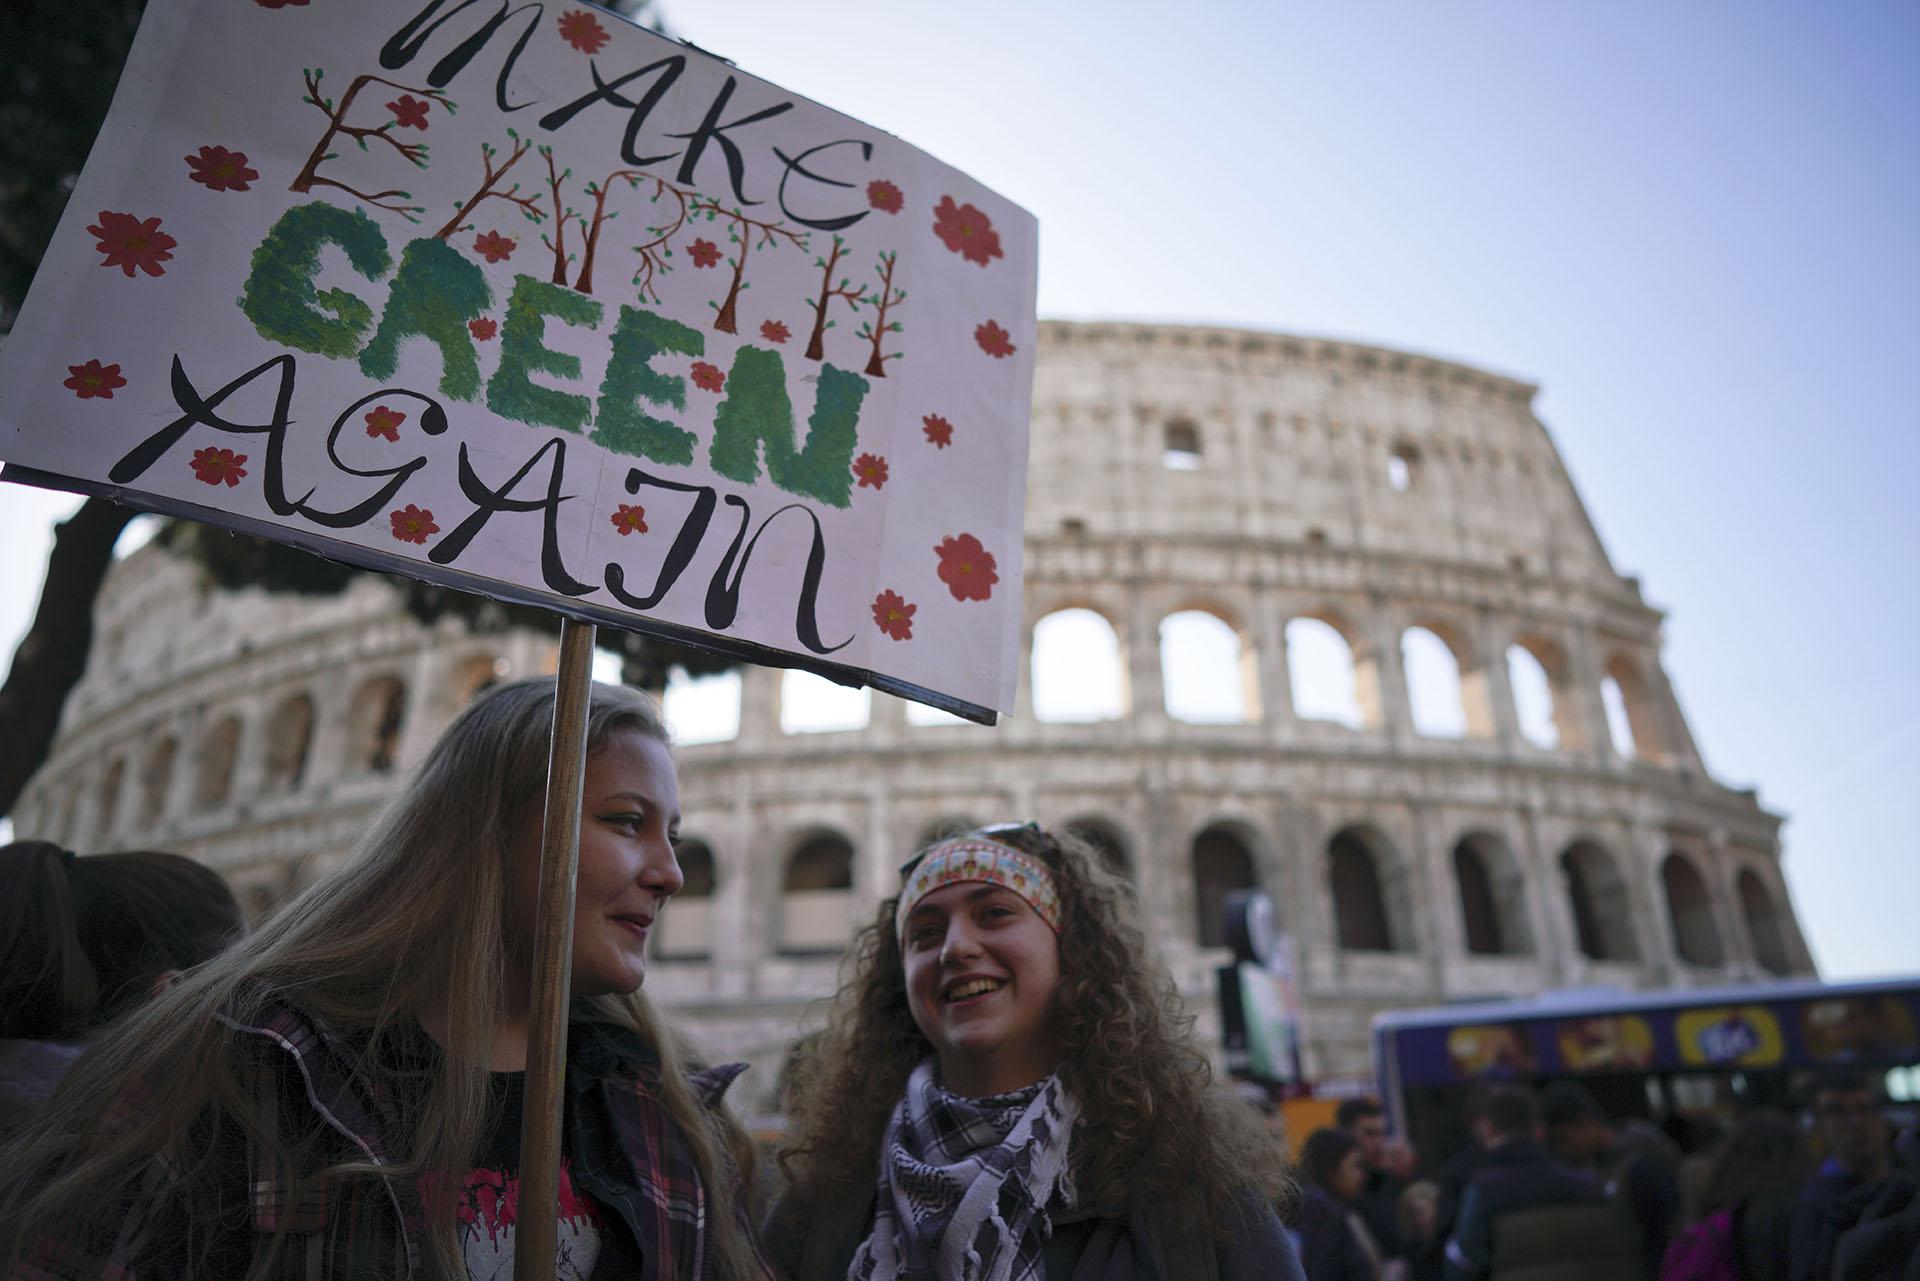 Estudiantes se manifestaron frente al Coliseo romano reclamando acciones concretas contra el cambio climático (Foto: AP Photo/Andrew Medichini)